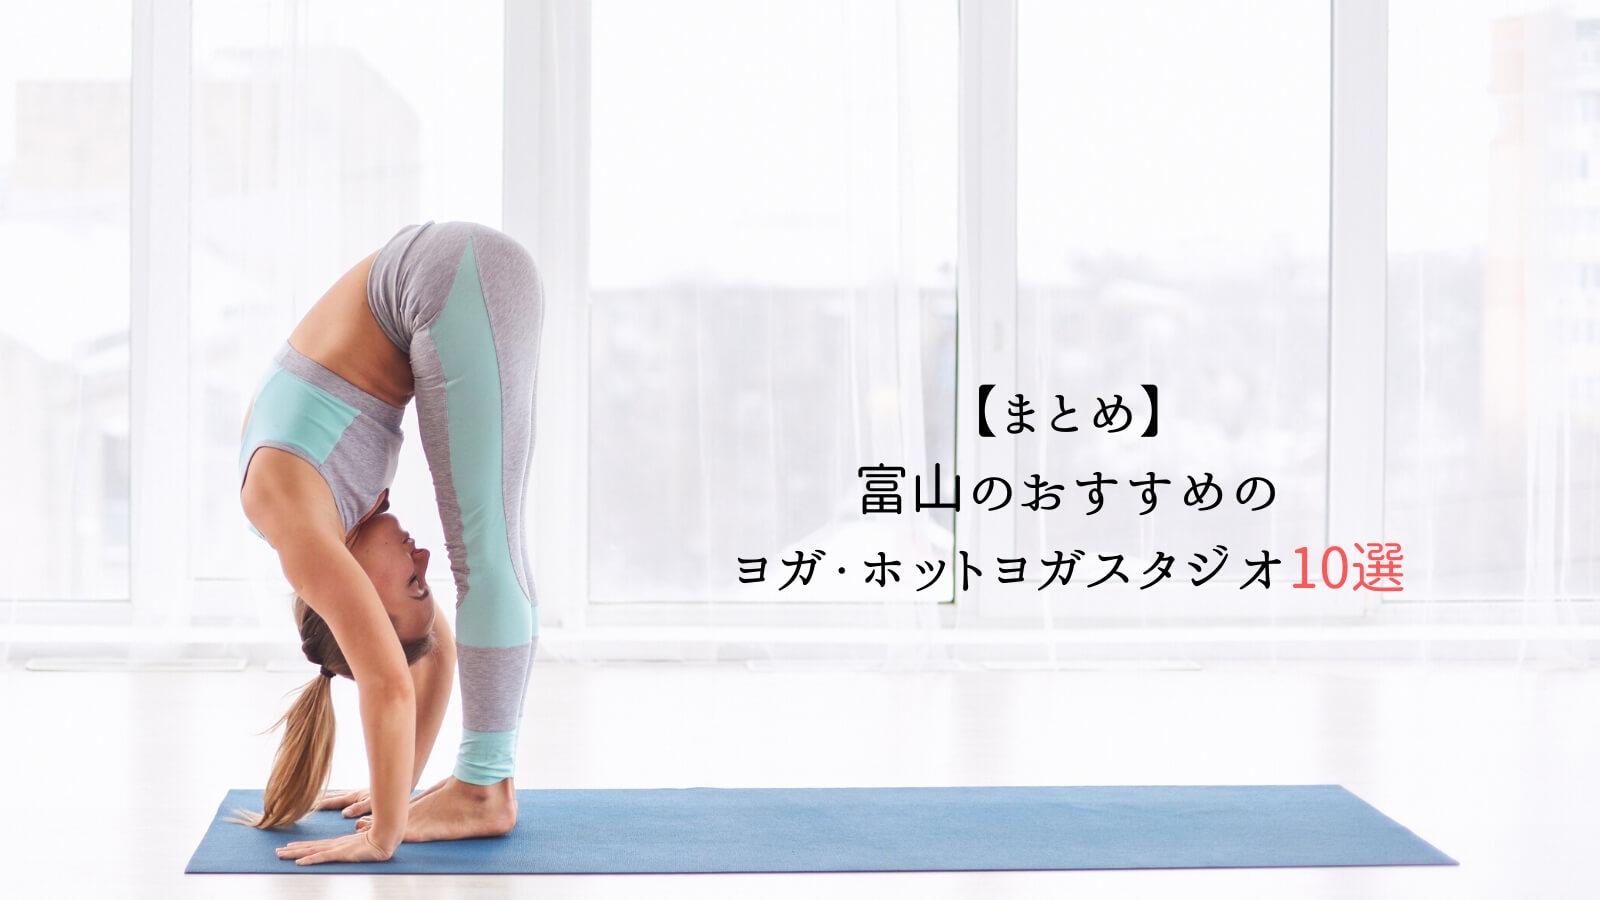 富山でのヨガ・ホットヨガスタジオ選びに関するQ&A